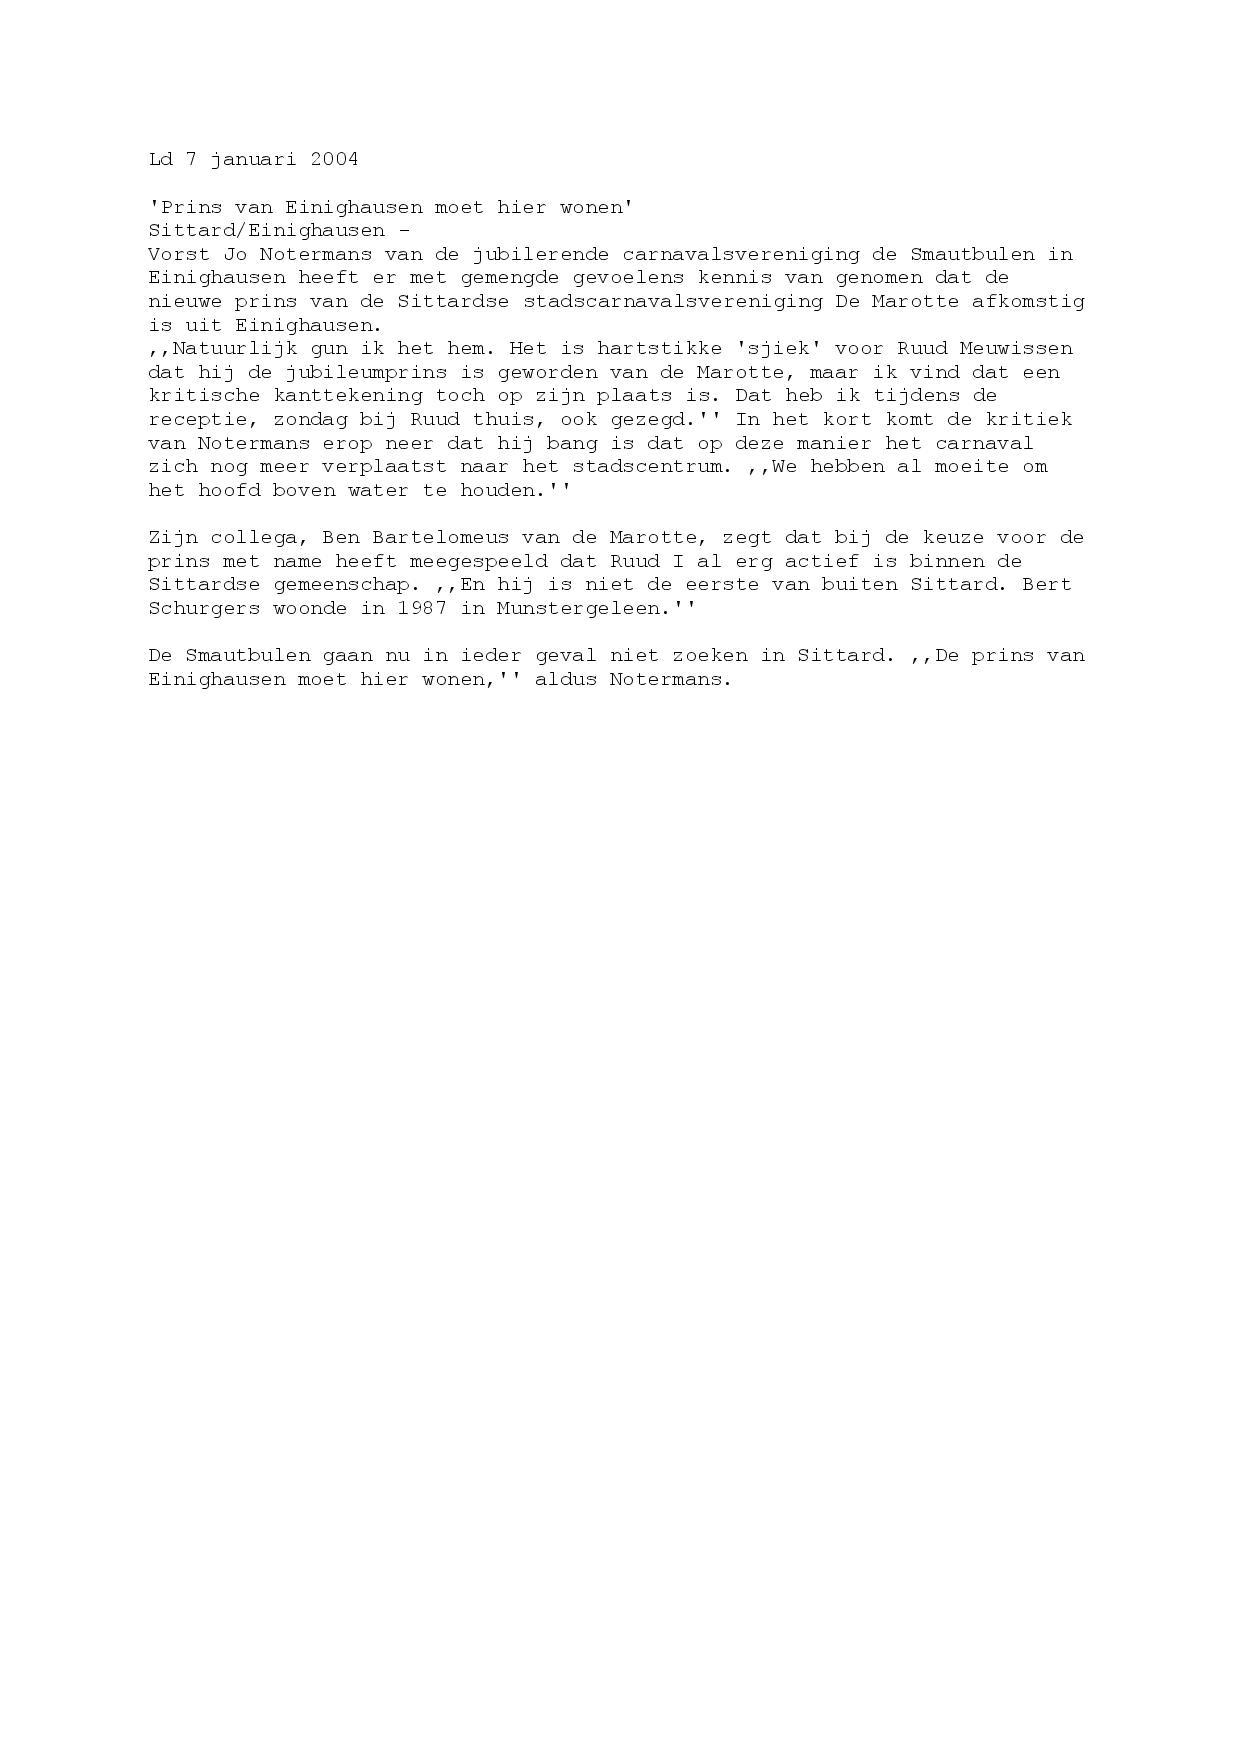 Krantenknipsel Prins Ruud van de Marotte